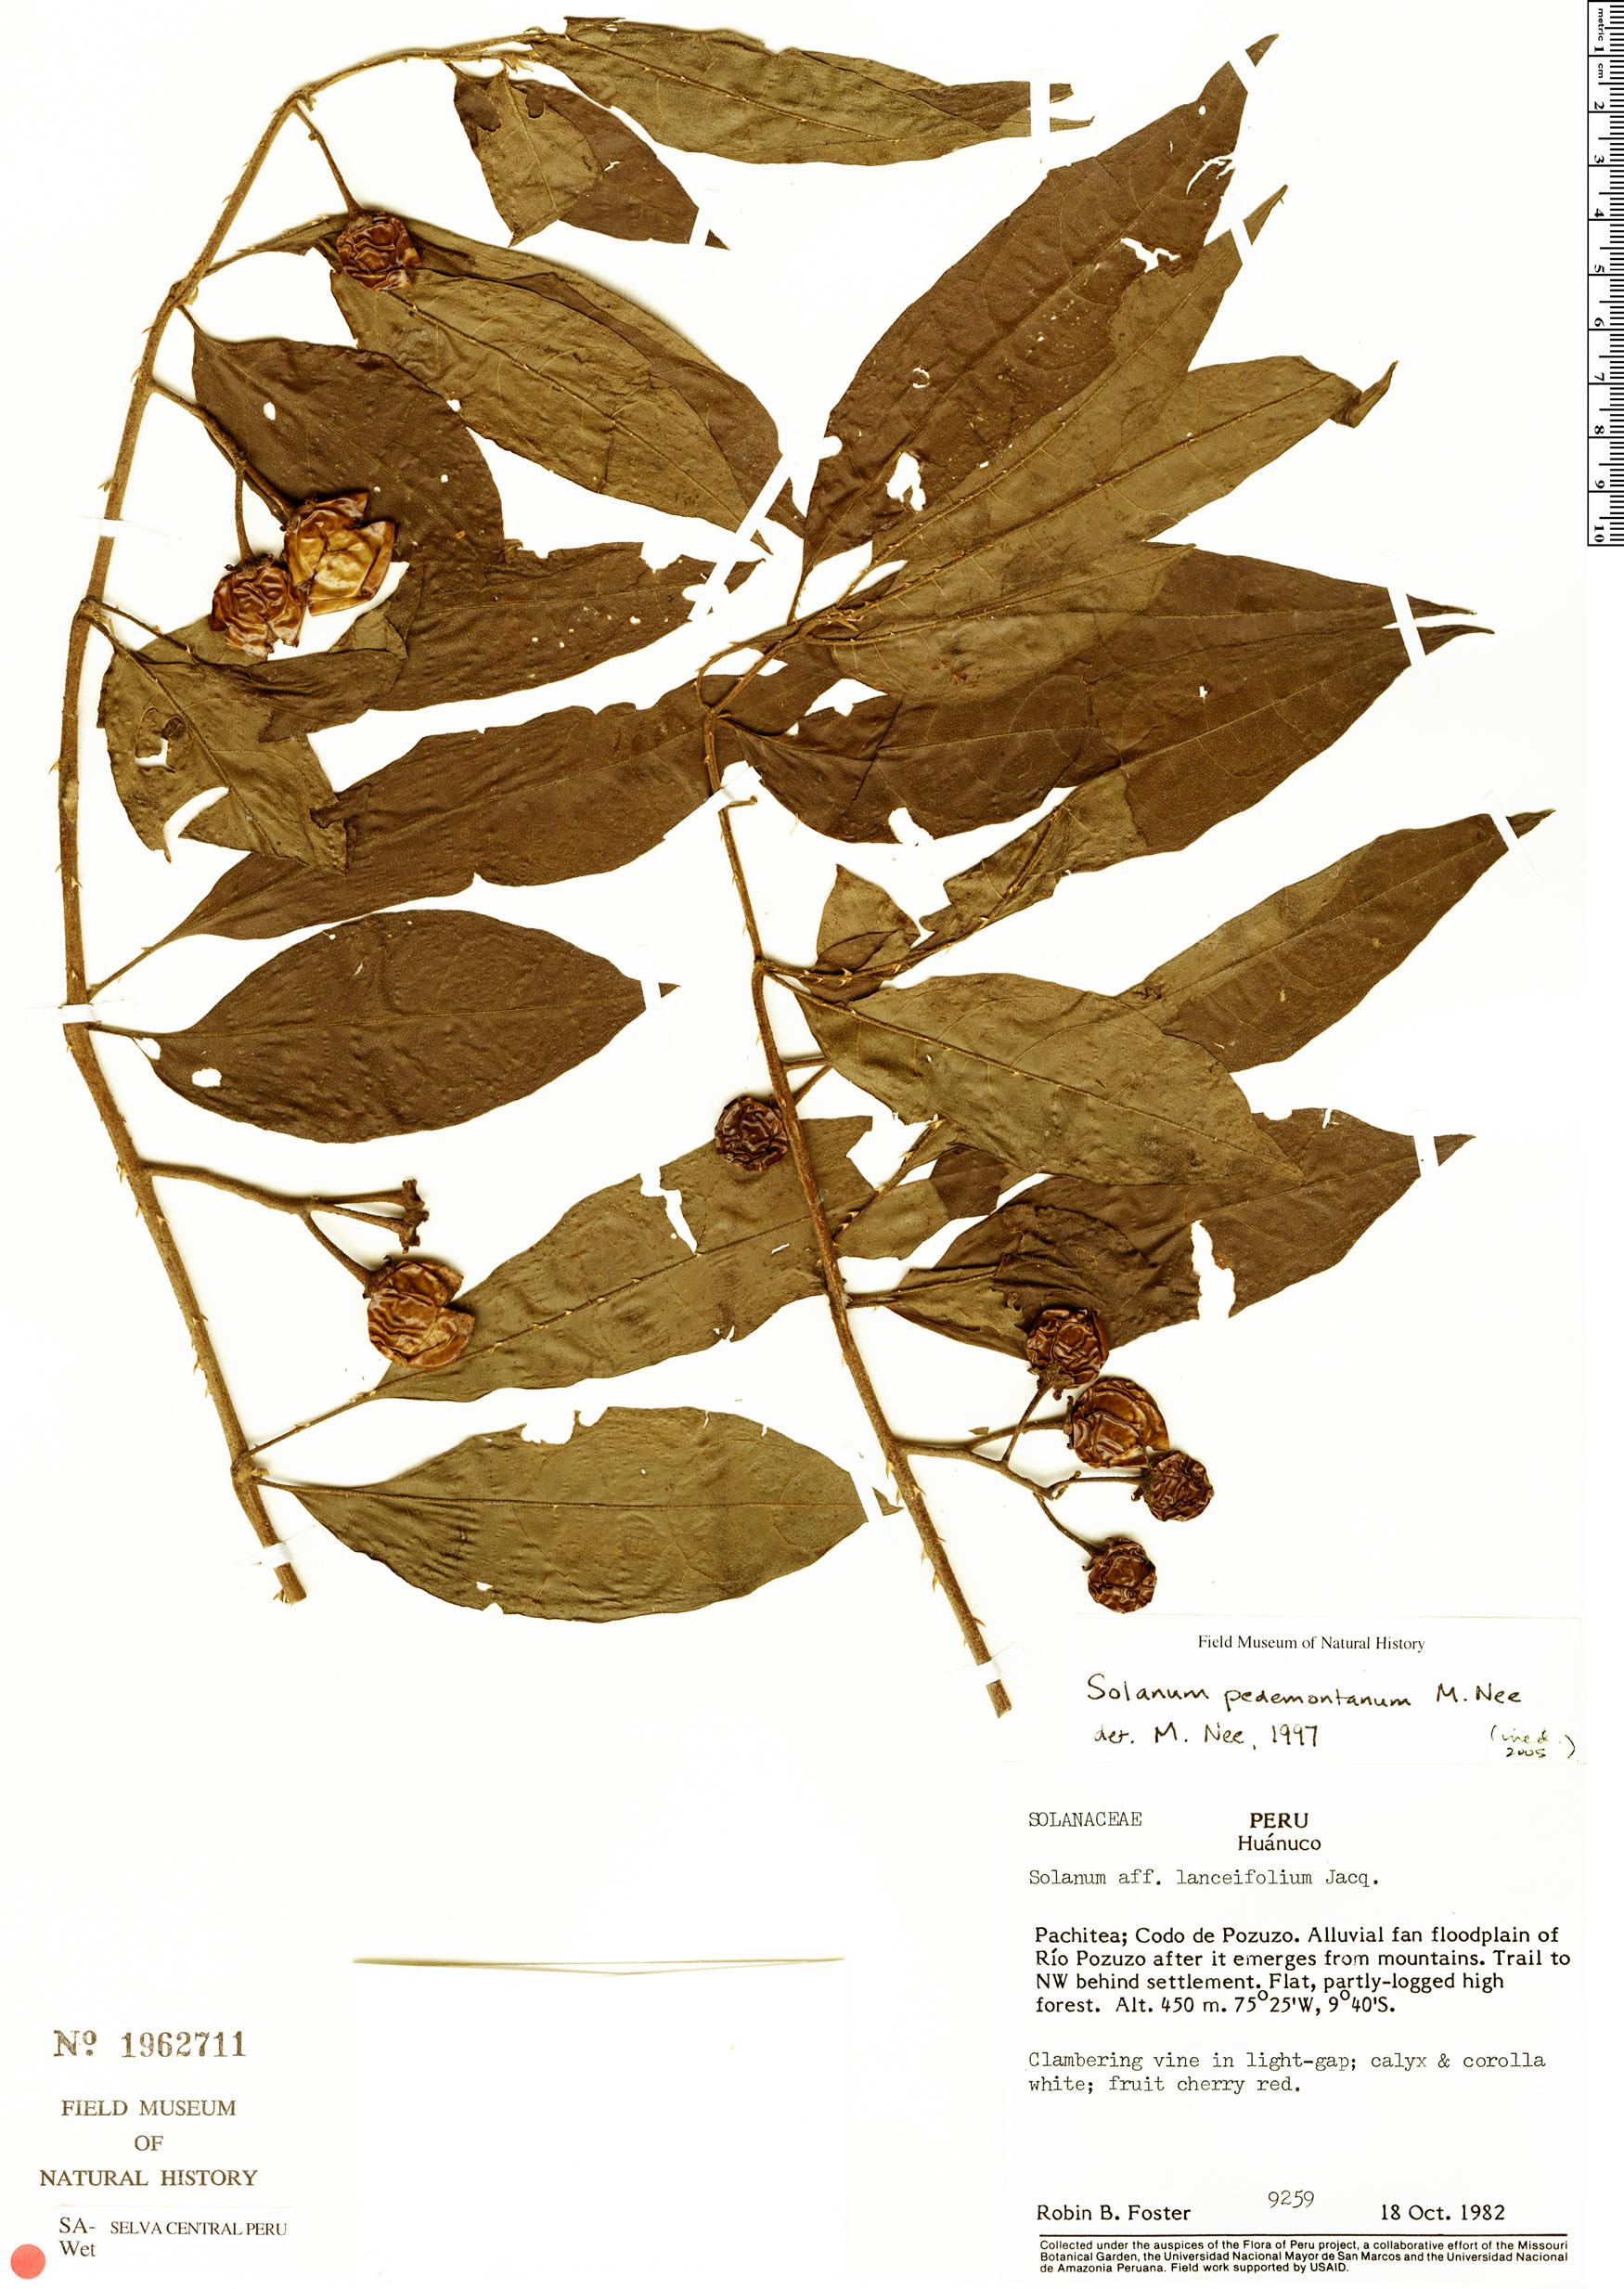 Specimen: Solanum pedemontanum